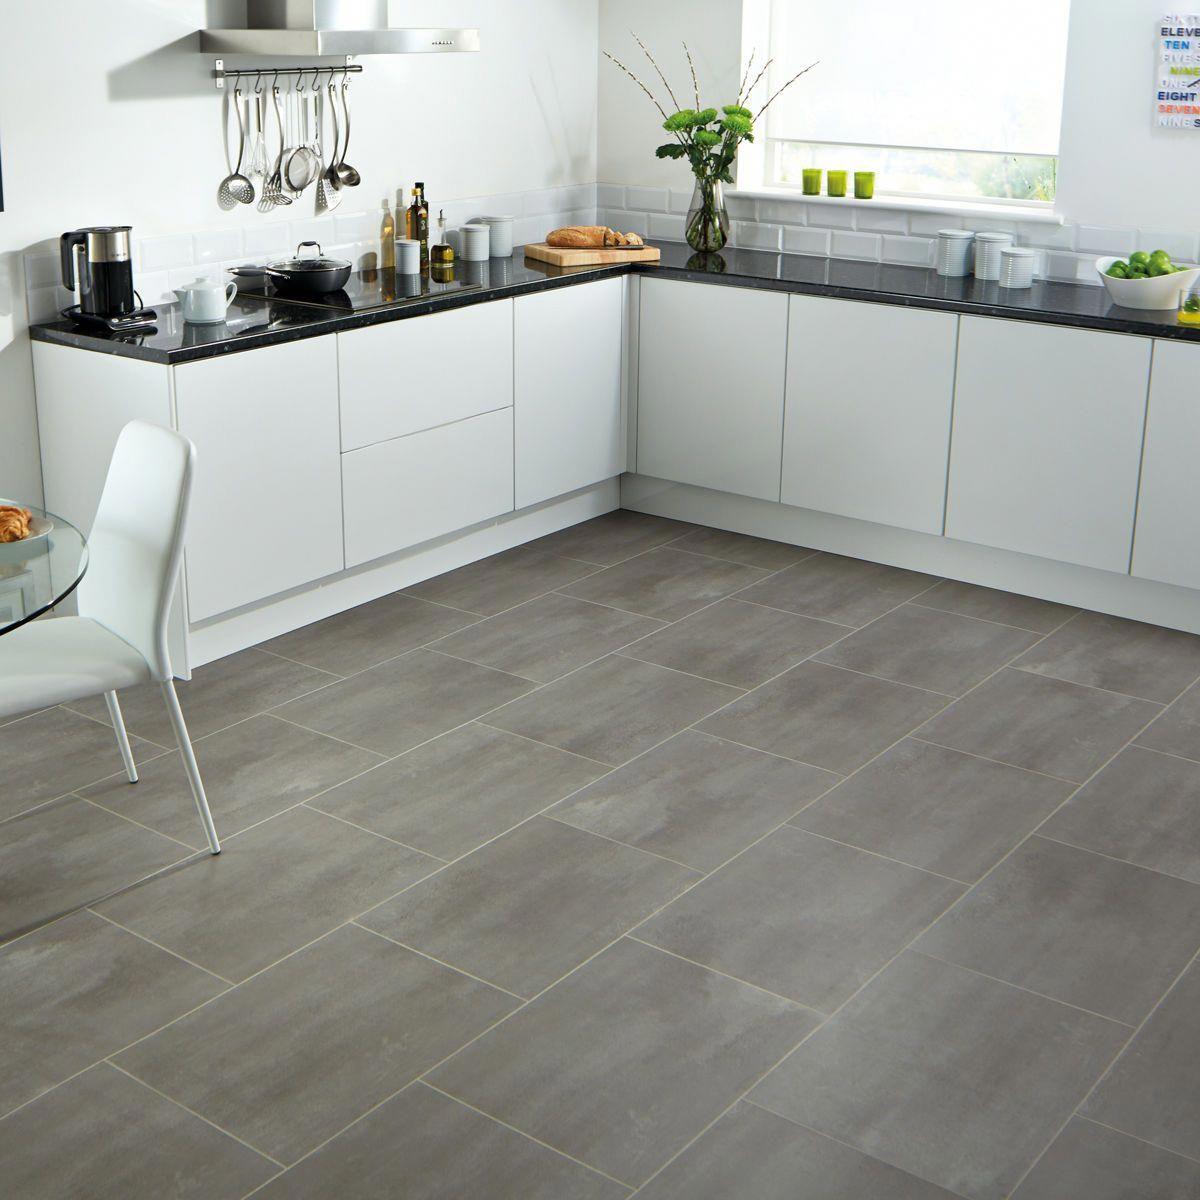 Kitchen Floor Tiles John Lewis